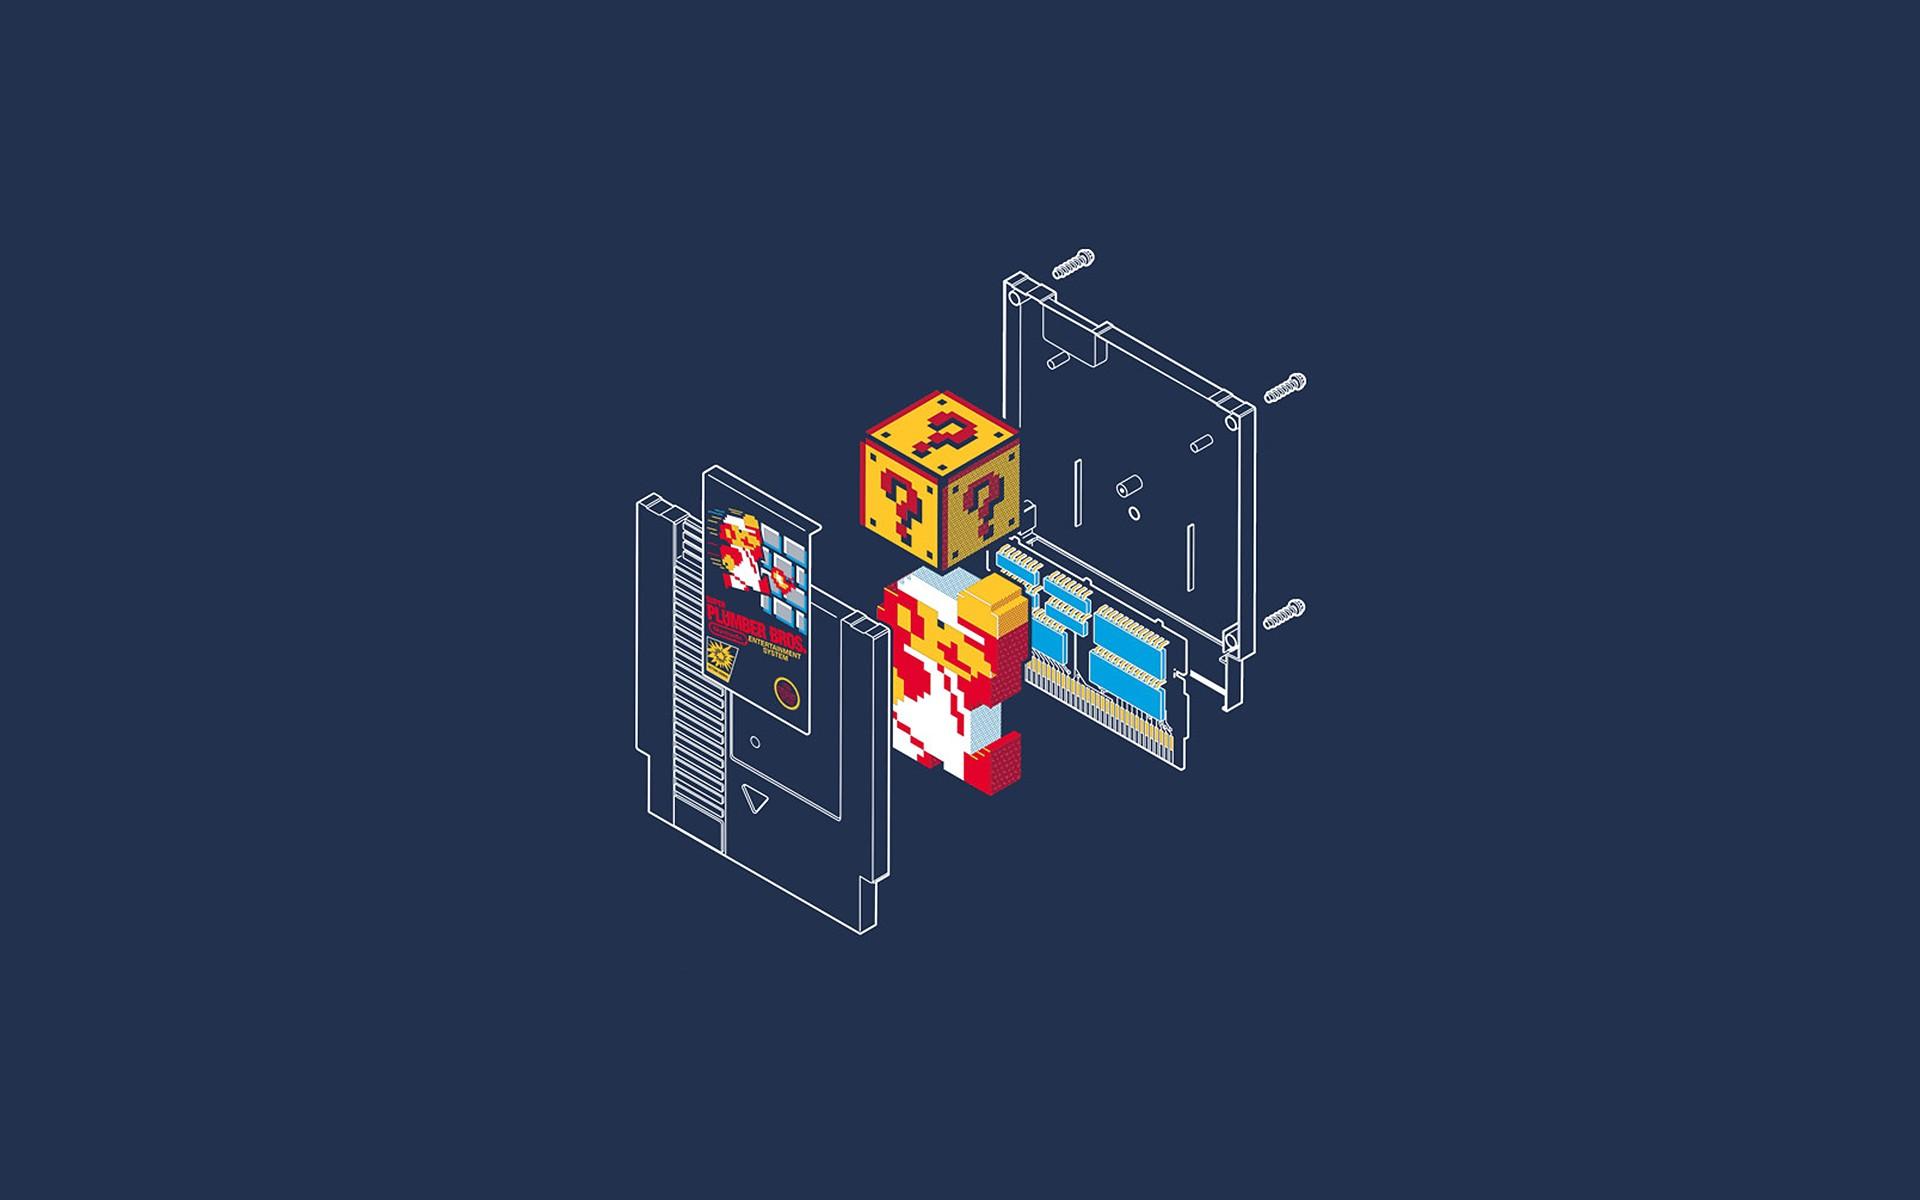 Wallpaper : illustration, video games, fan art, Nintendo, brand ...